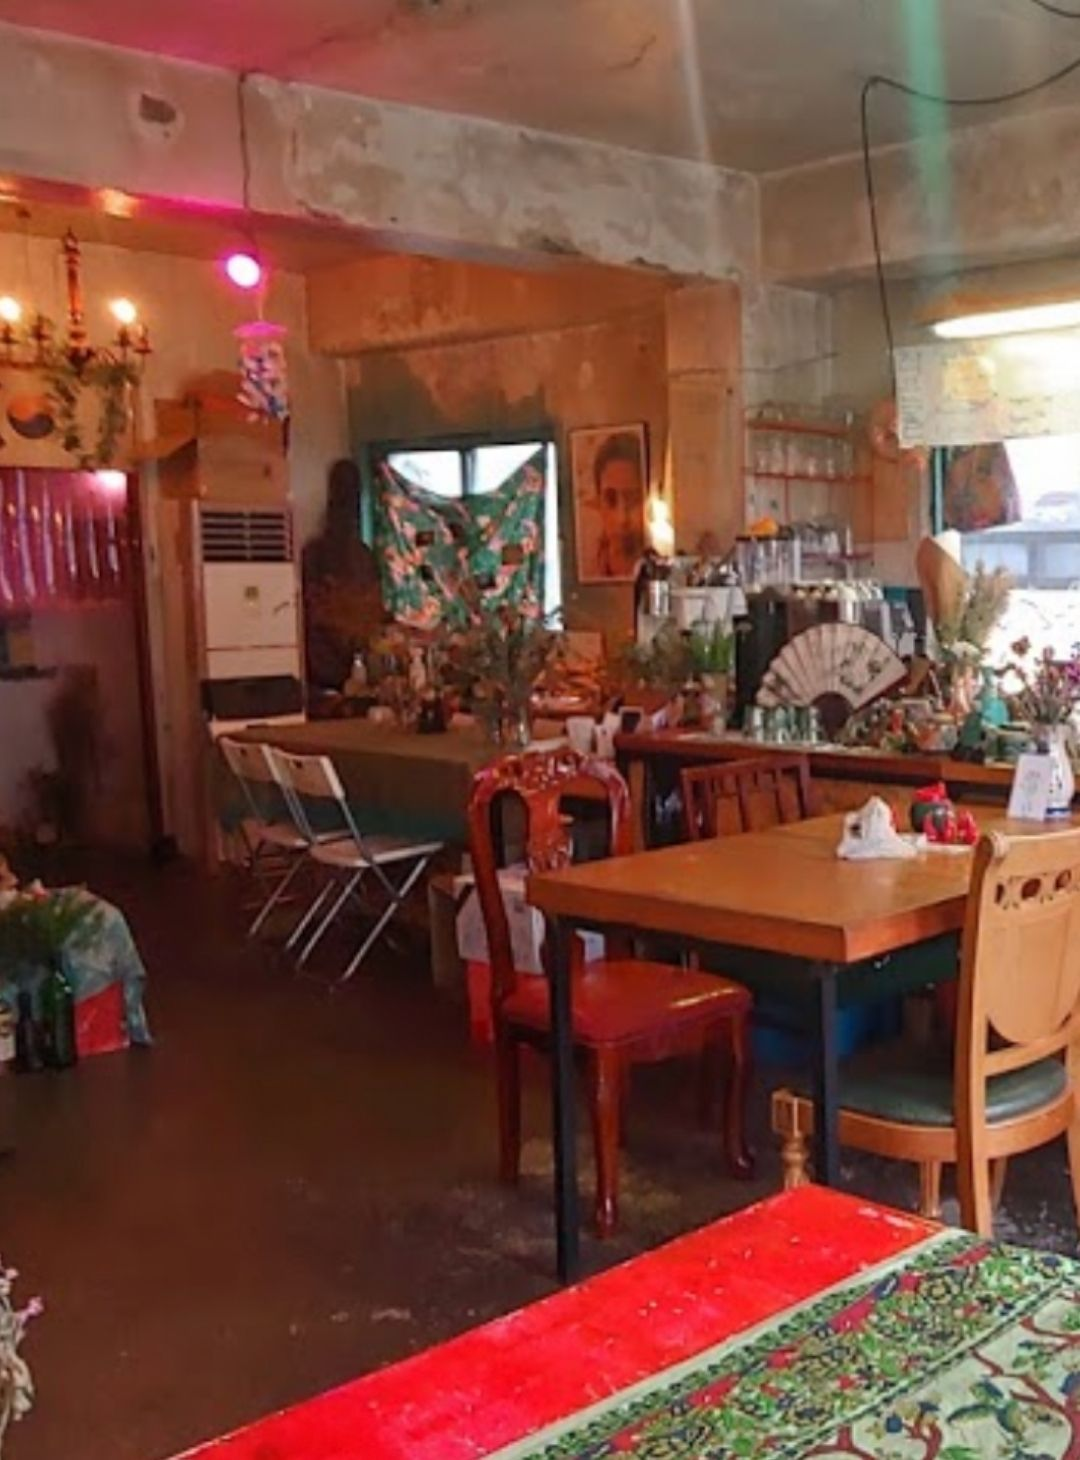 작은물은 을지로에 있는 작은 공간이자 창작 집단입니다. 친구들과 서로의 노래나 작업, 삶을 조금씩 나눠 먹게 되었습니다. 일부는 카페와 바로 운영하며 소소한 공연이나 전시 열리기도 합니다. 2021 여름. 작은물열음.